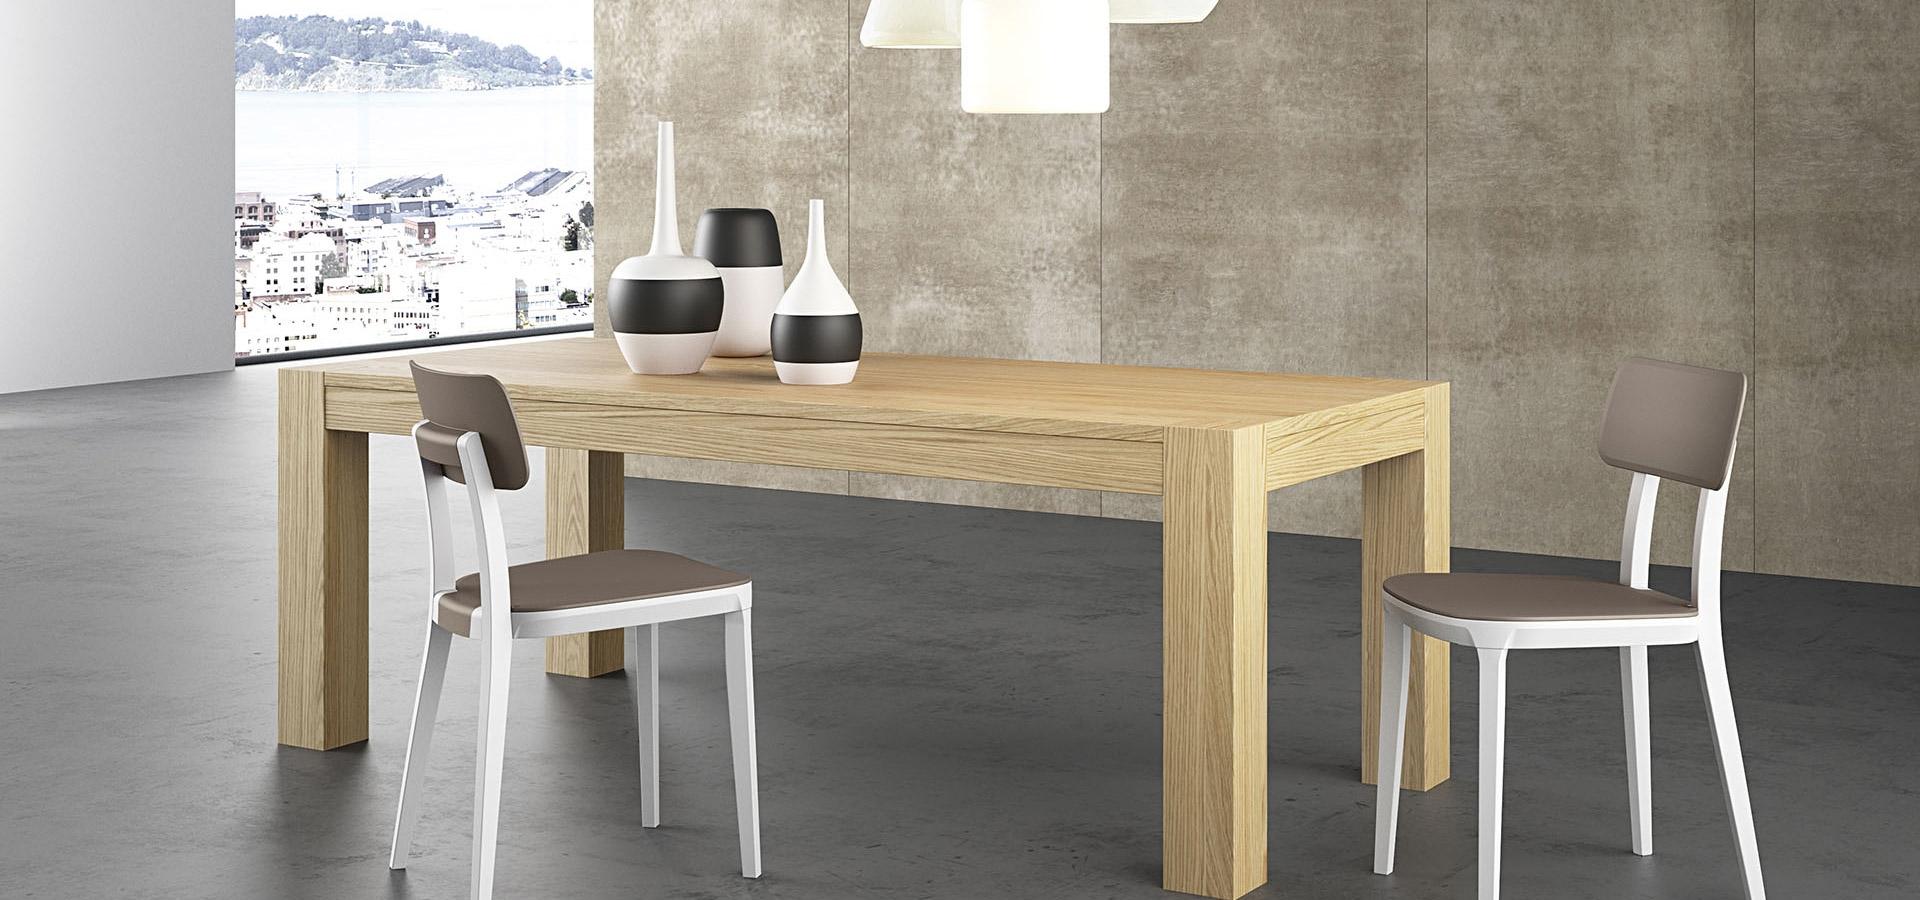 Arredo3 tavolo tavolo in rovere spazzolato rettangolari for Tavoli rettangolari moderni